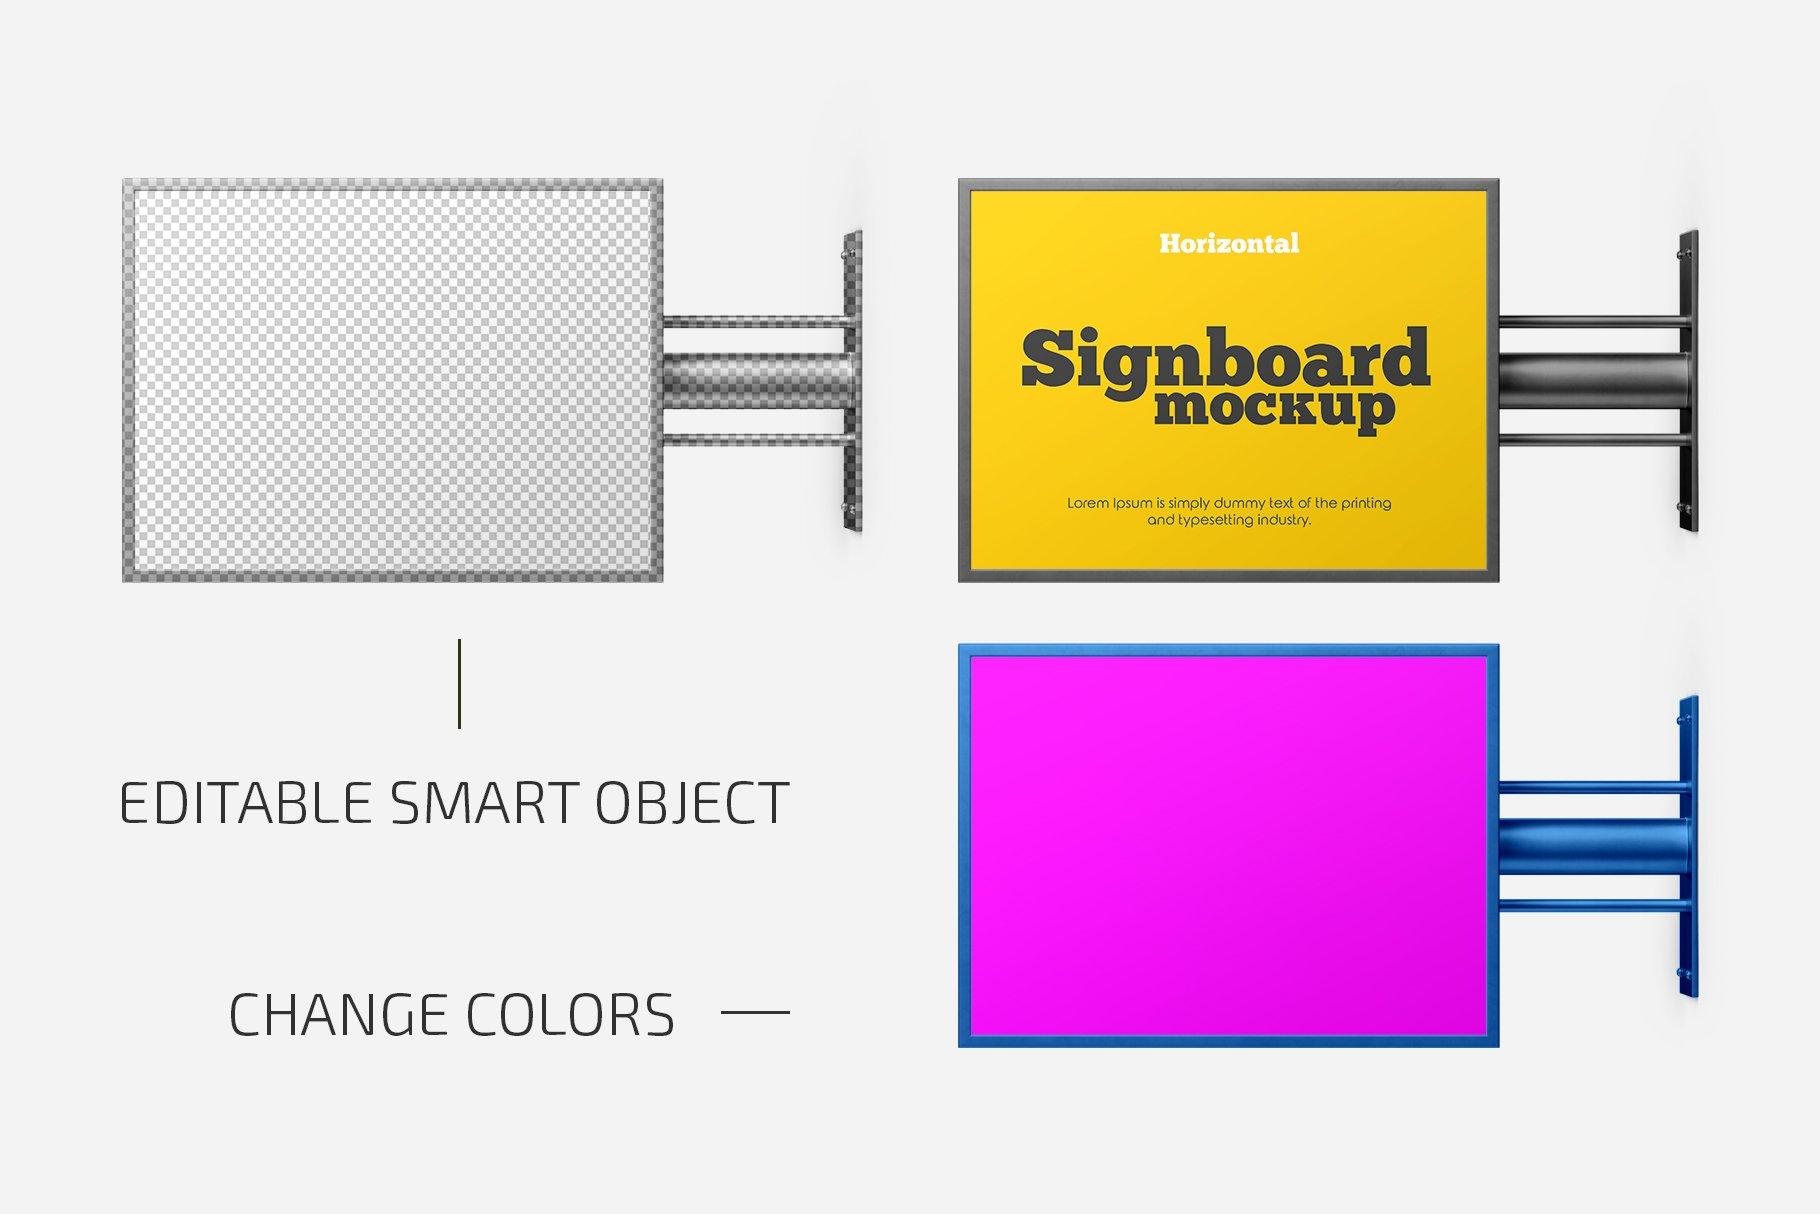 横版店招标牌招牌设计展示样机合集 Horizontal Signboard Mockup Set插图(1)